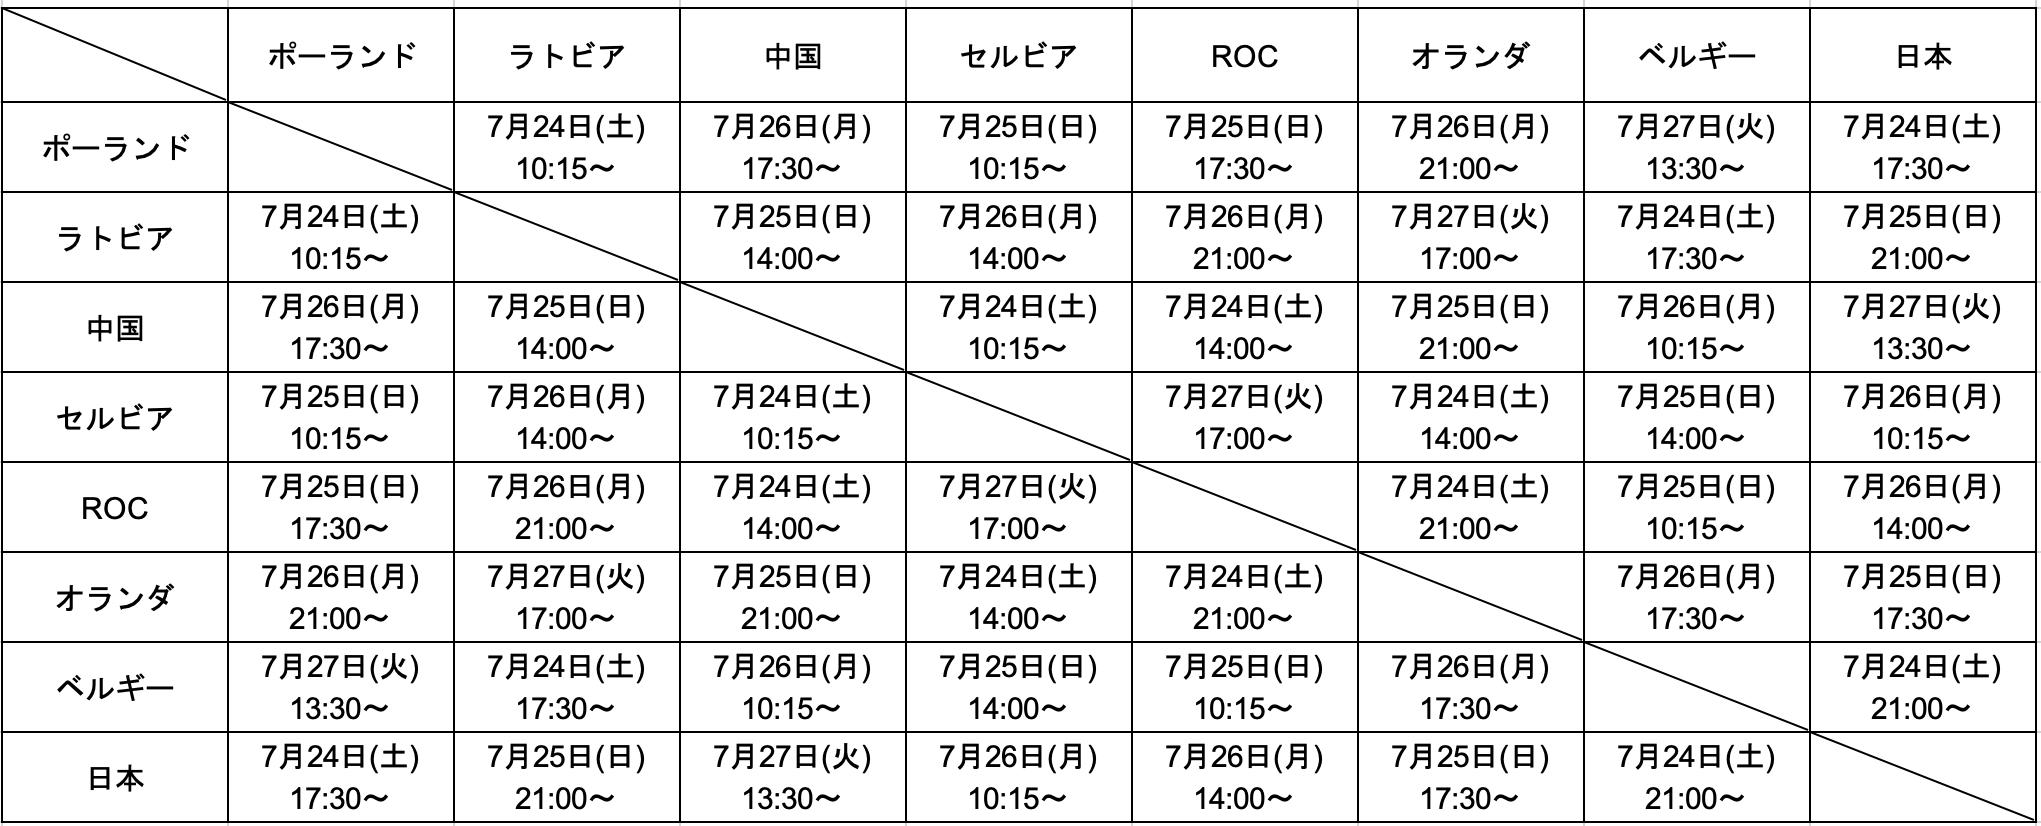 東京オリンピック3x3男子予選リーグ表